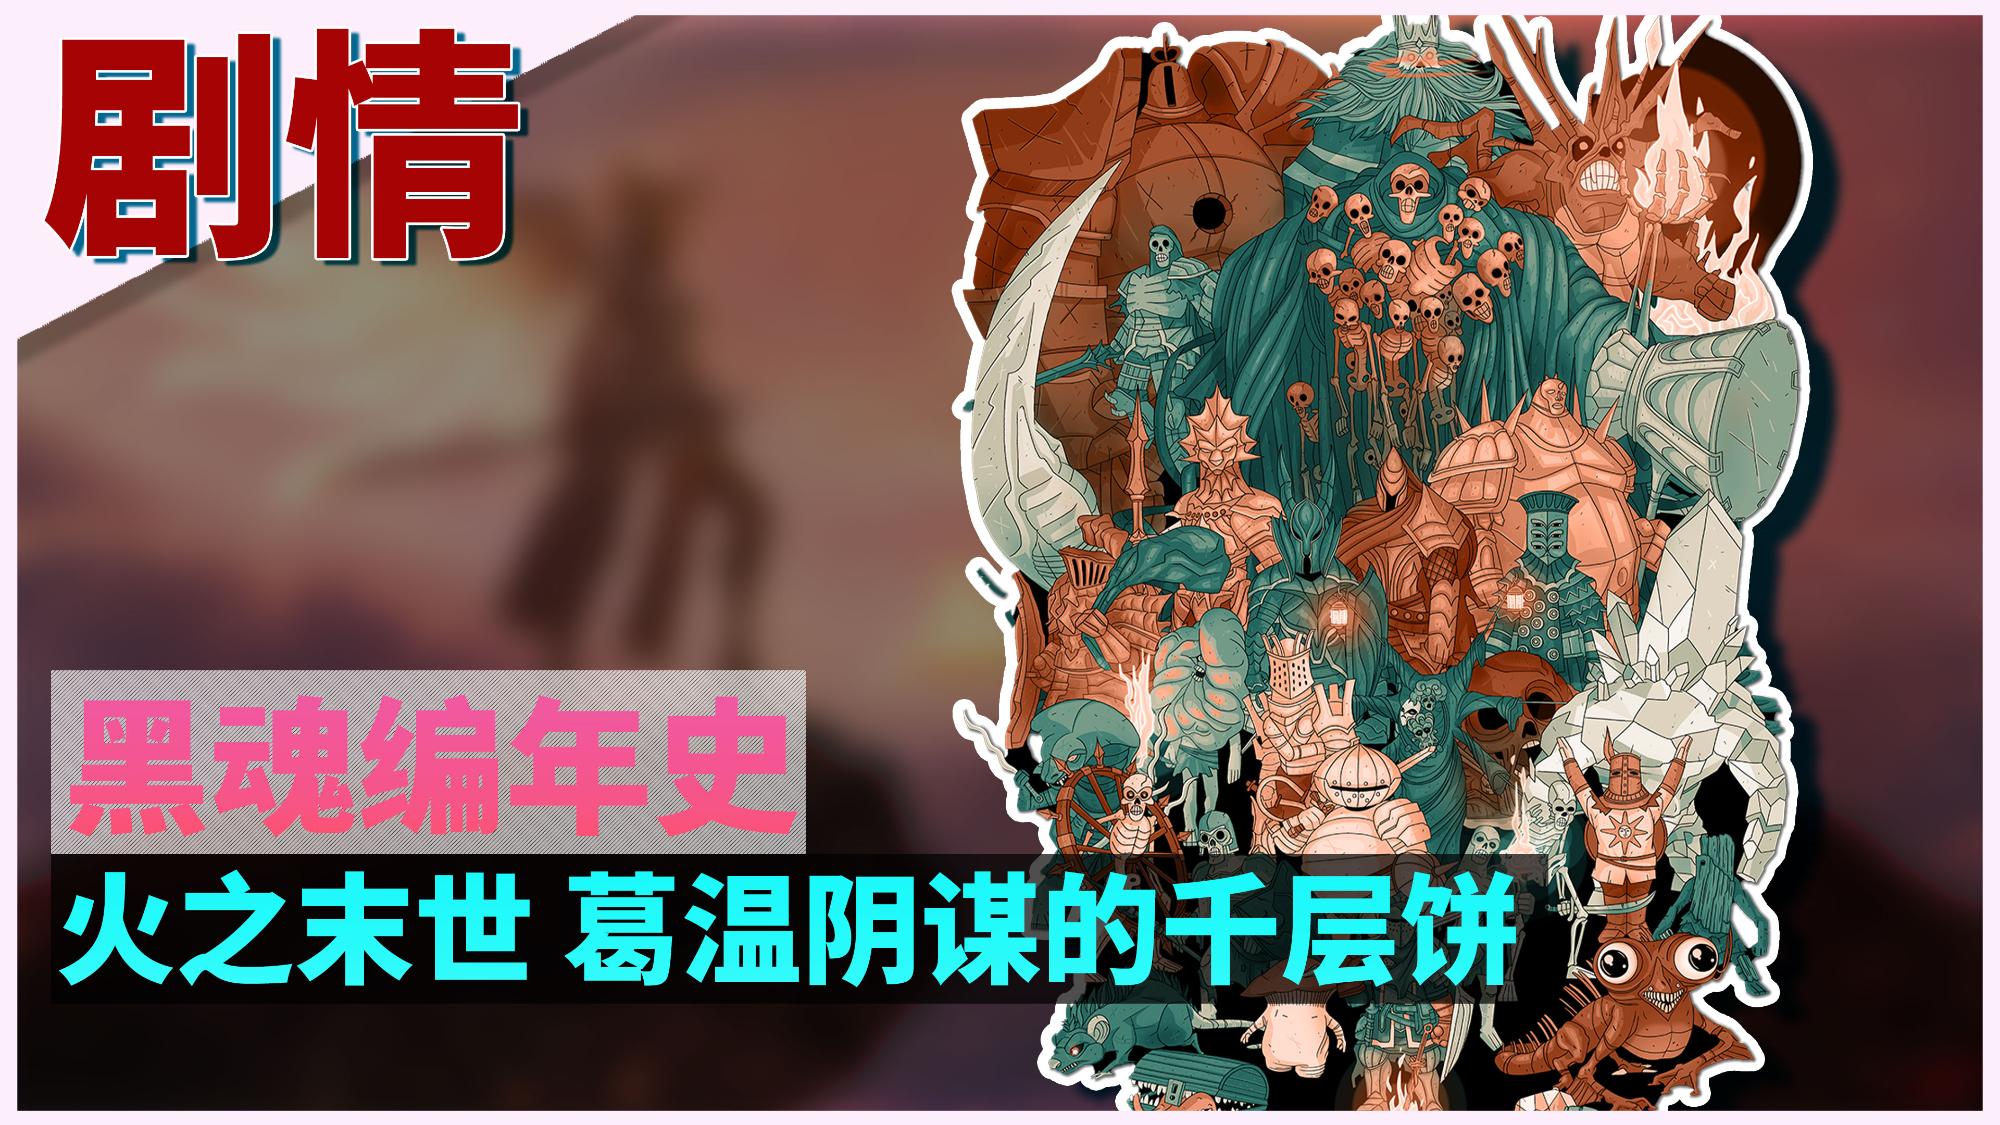 【黑魂编年史03】火之末世,葛温阴谋的千层饼